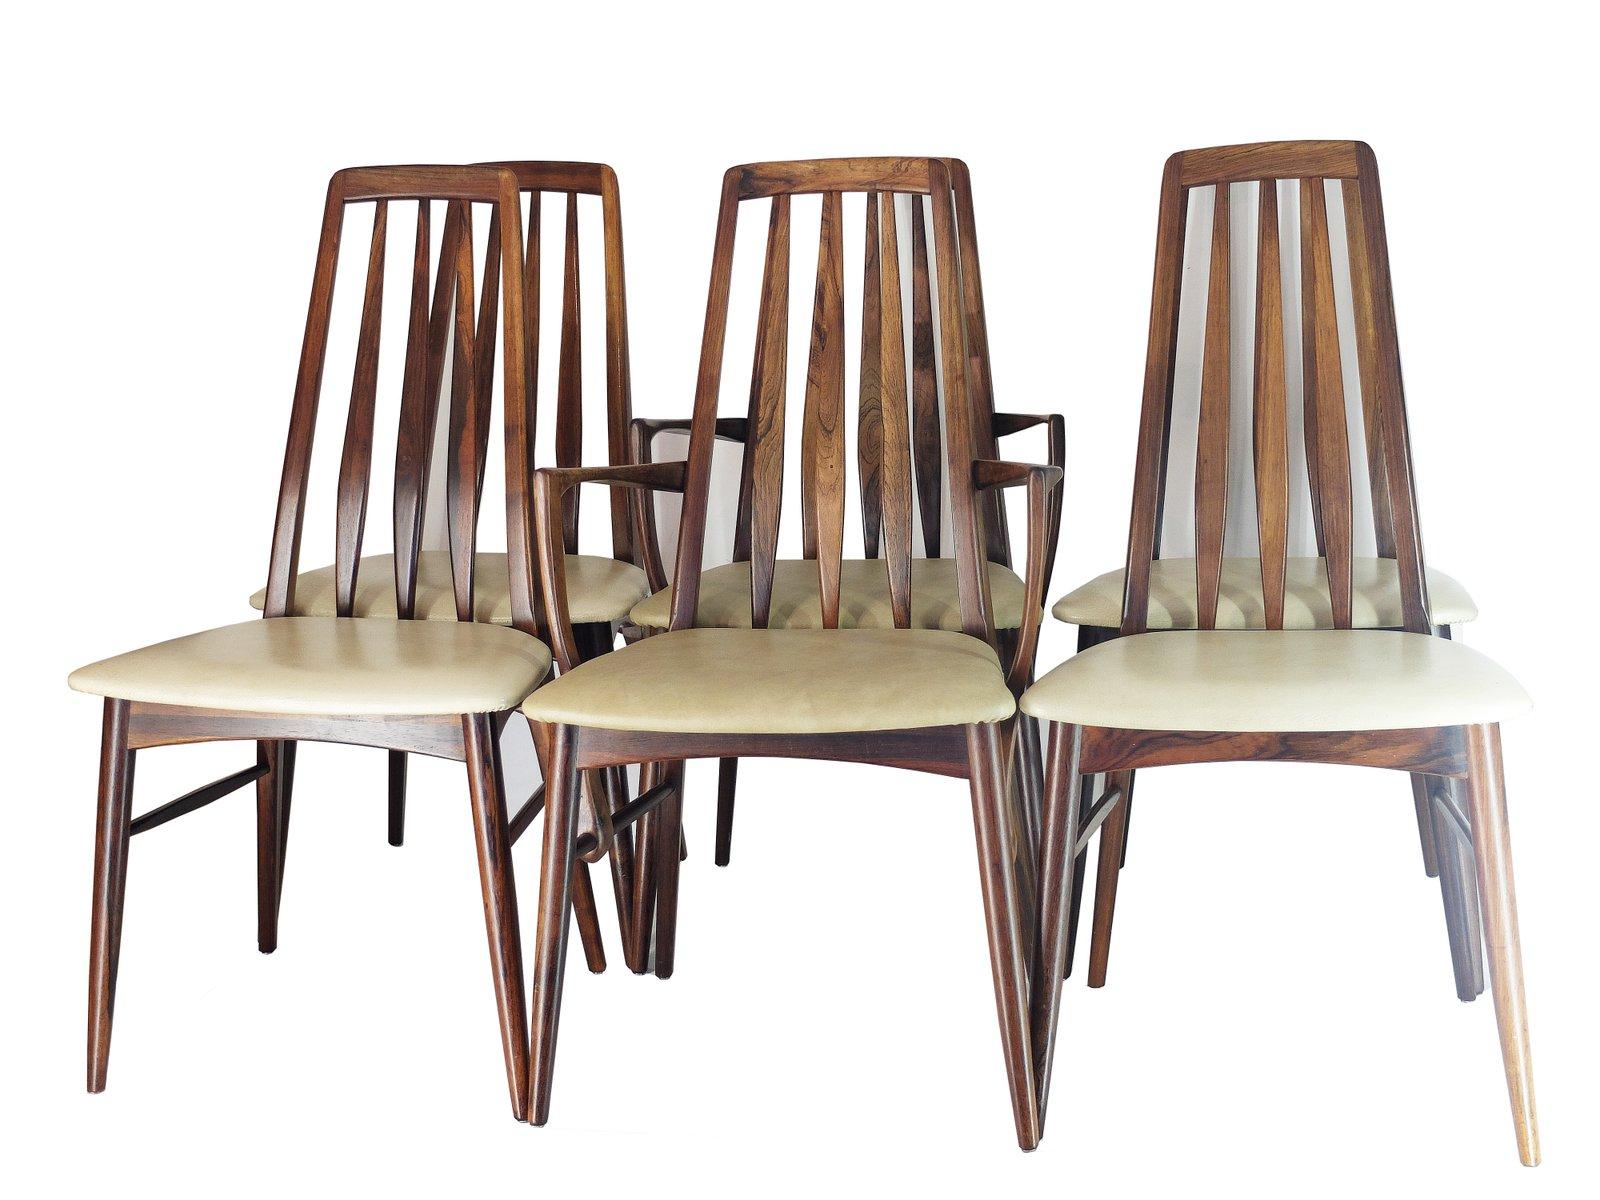 Chaises de salon eva en palissandre par niels koefoed pour koefoed ...